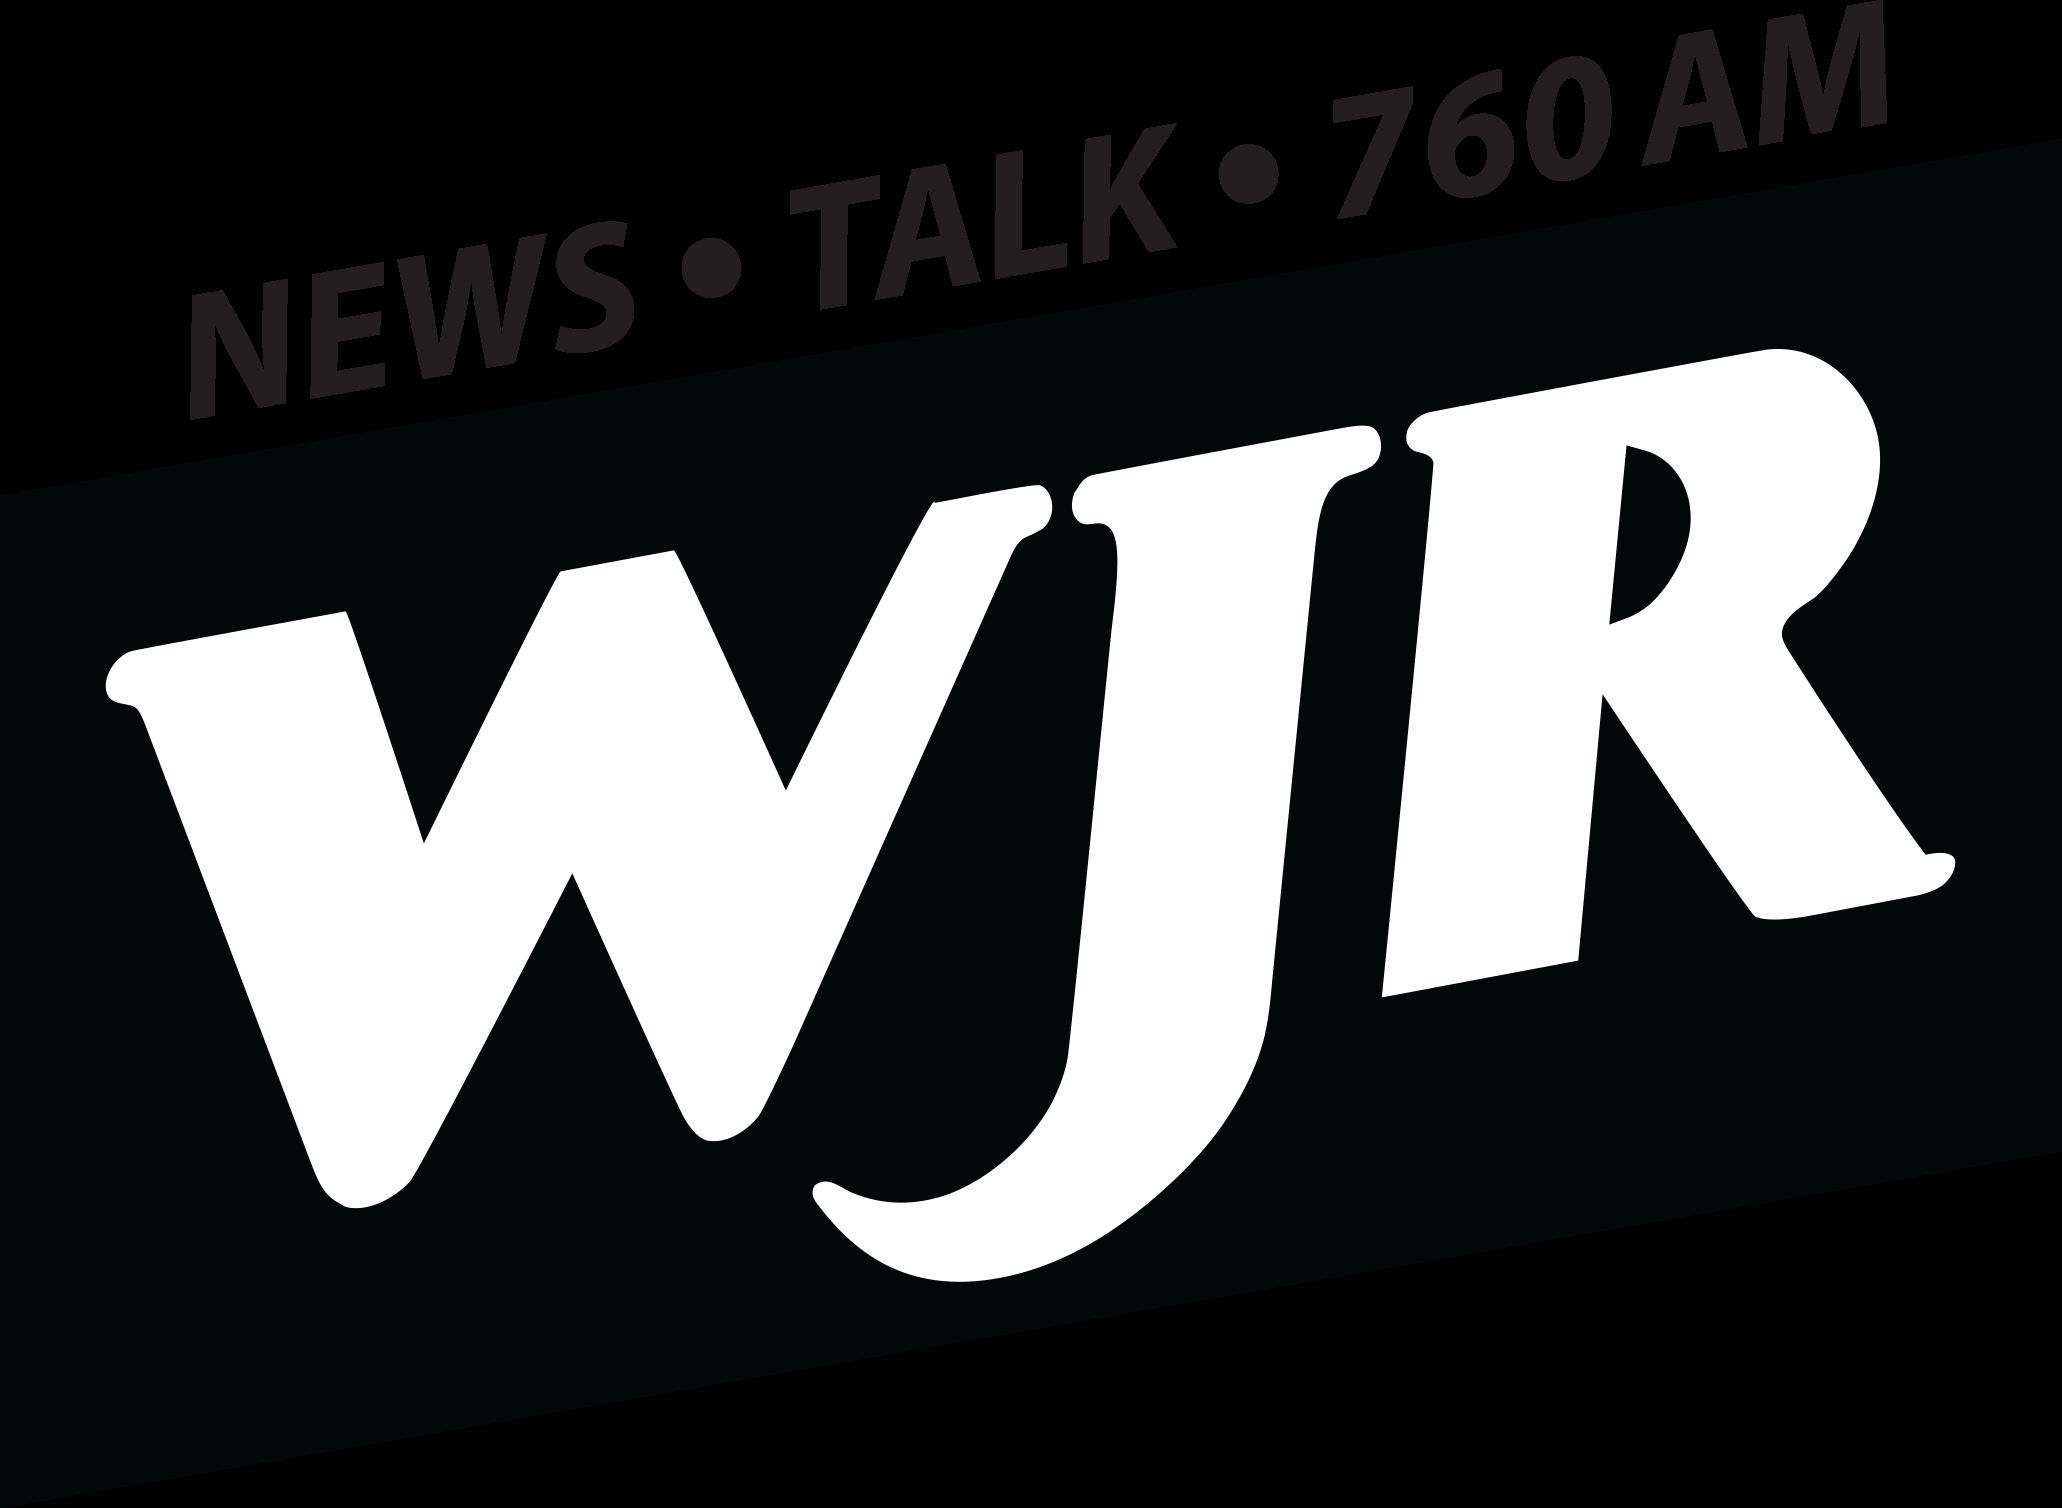 wjr-logo